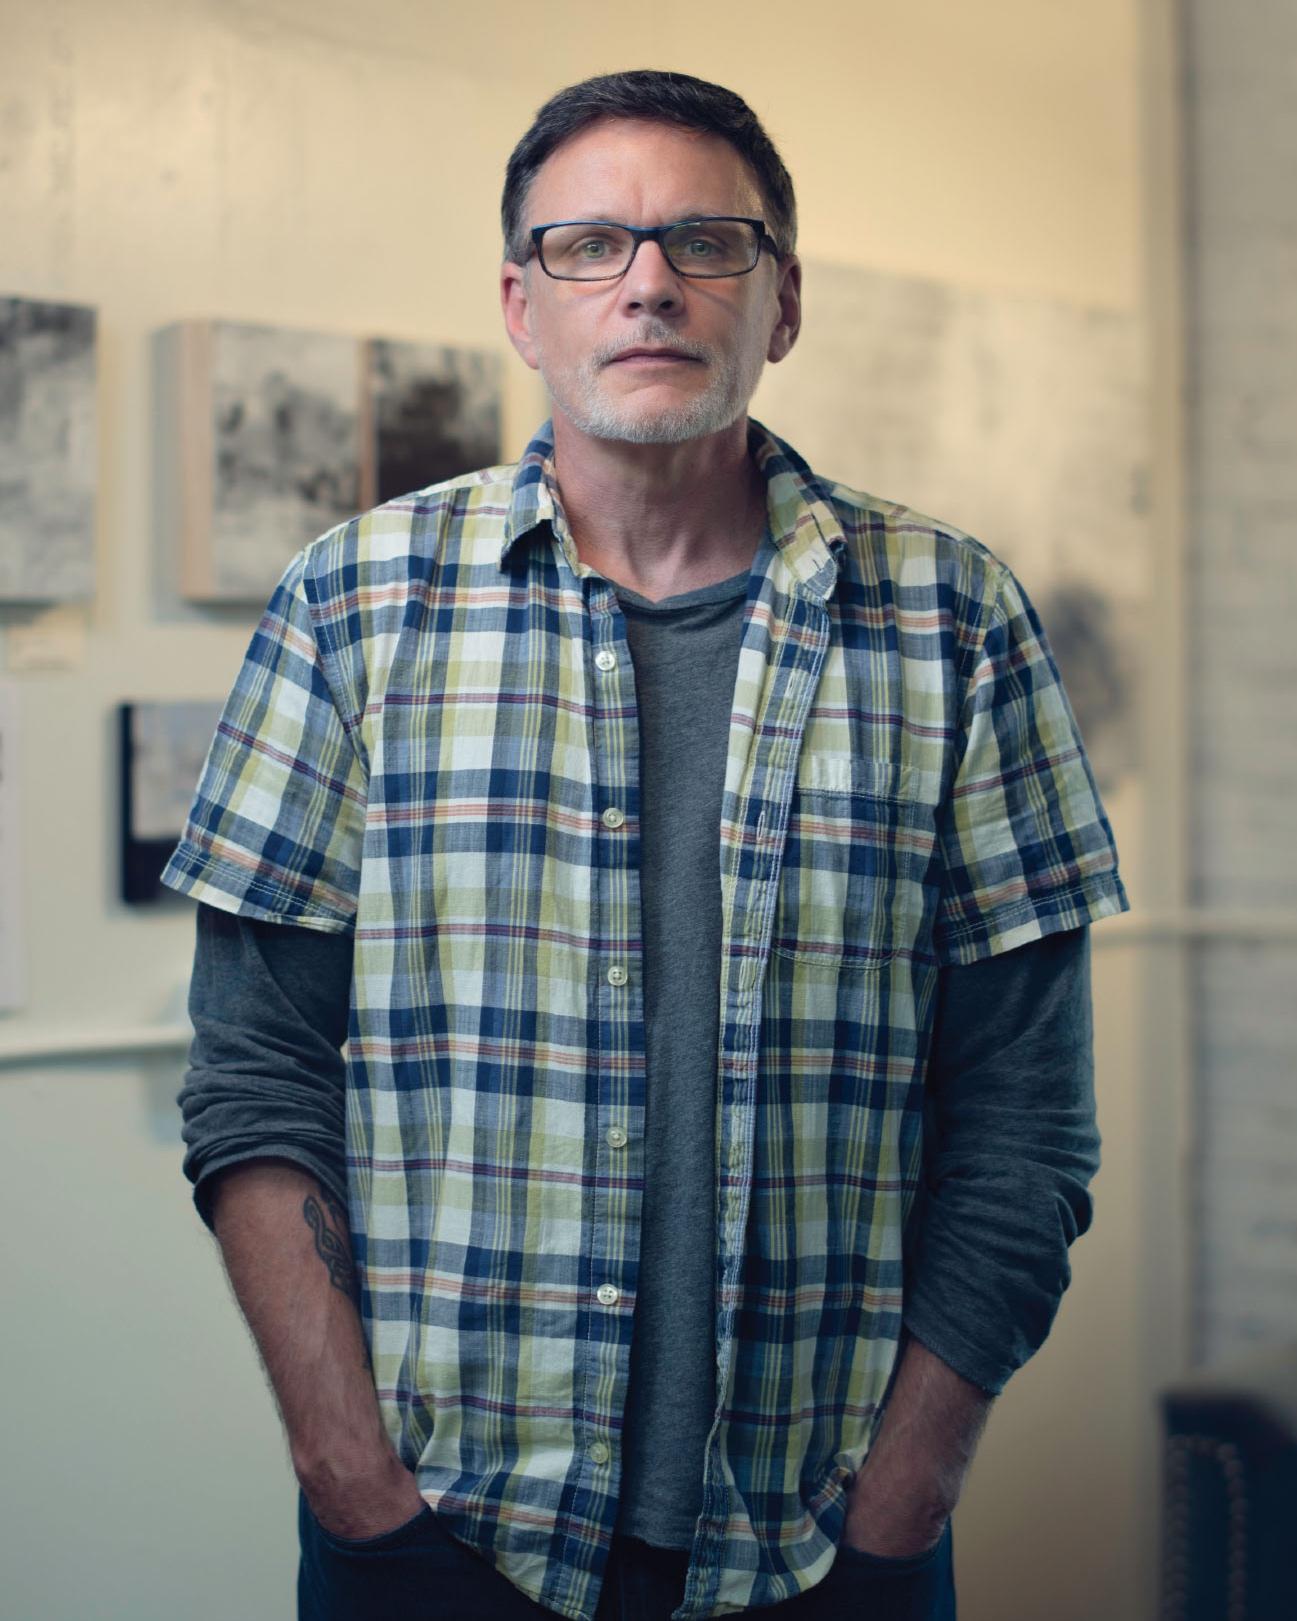 Peter-Roux-Portrait.jpg